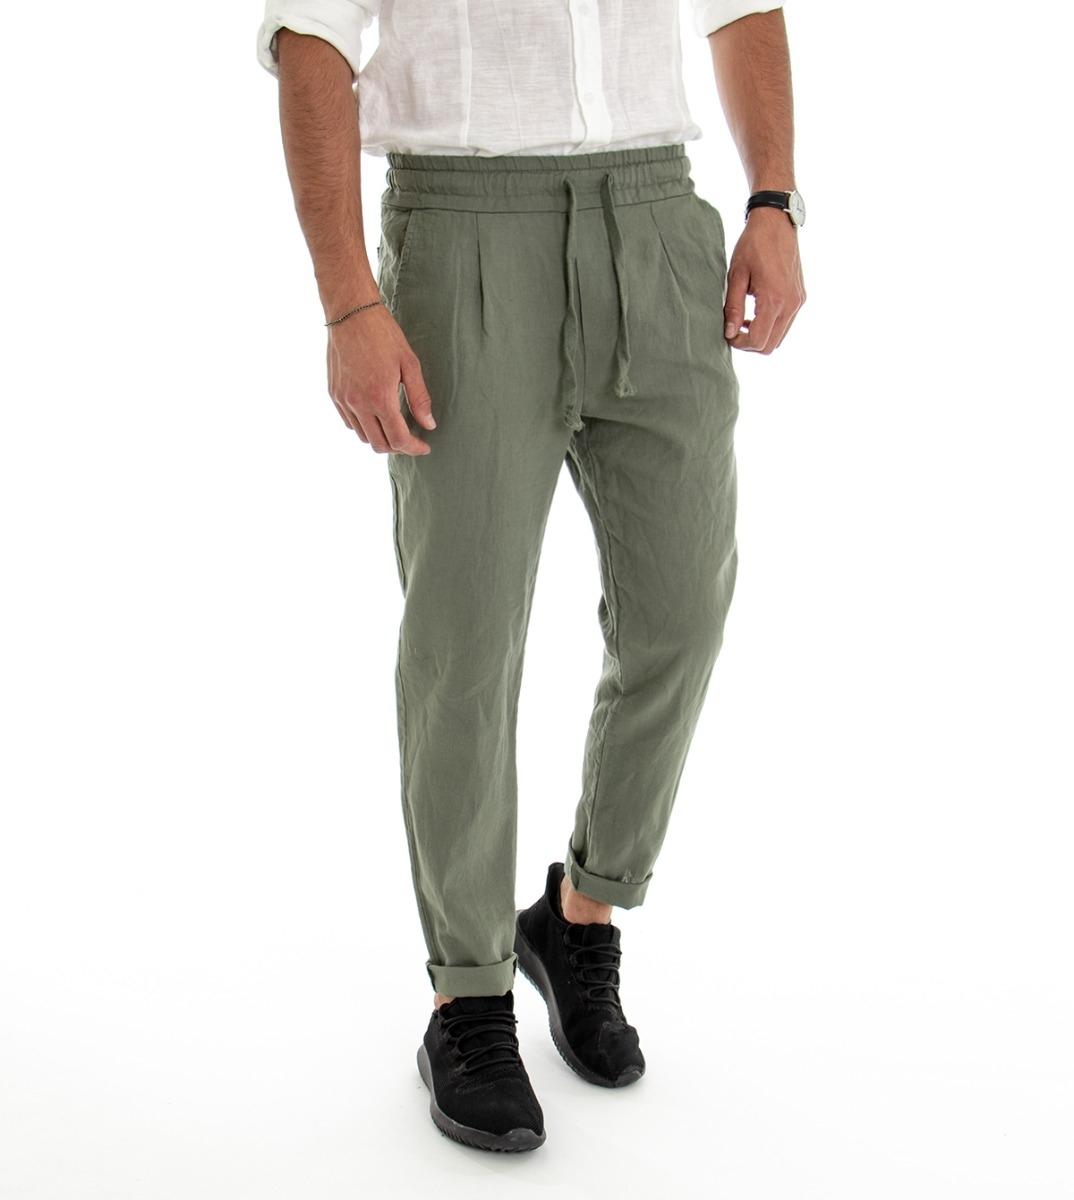 punch classico in corso  Pantalone Uomo Lungo Lino Cotone Elastico In Vita Tasche America Verde  Tinta Unita GIOSAL